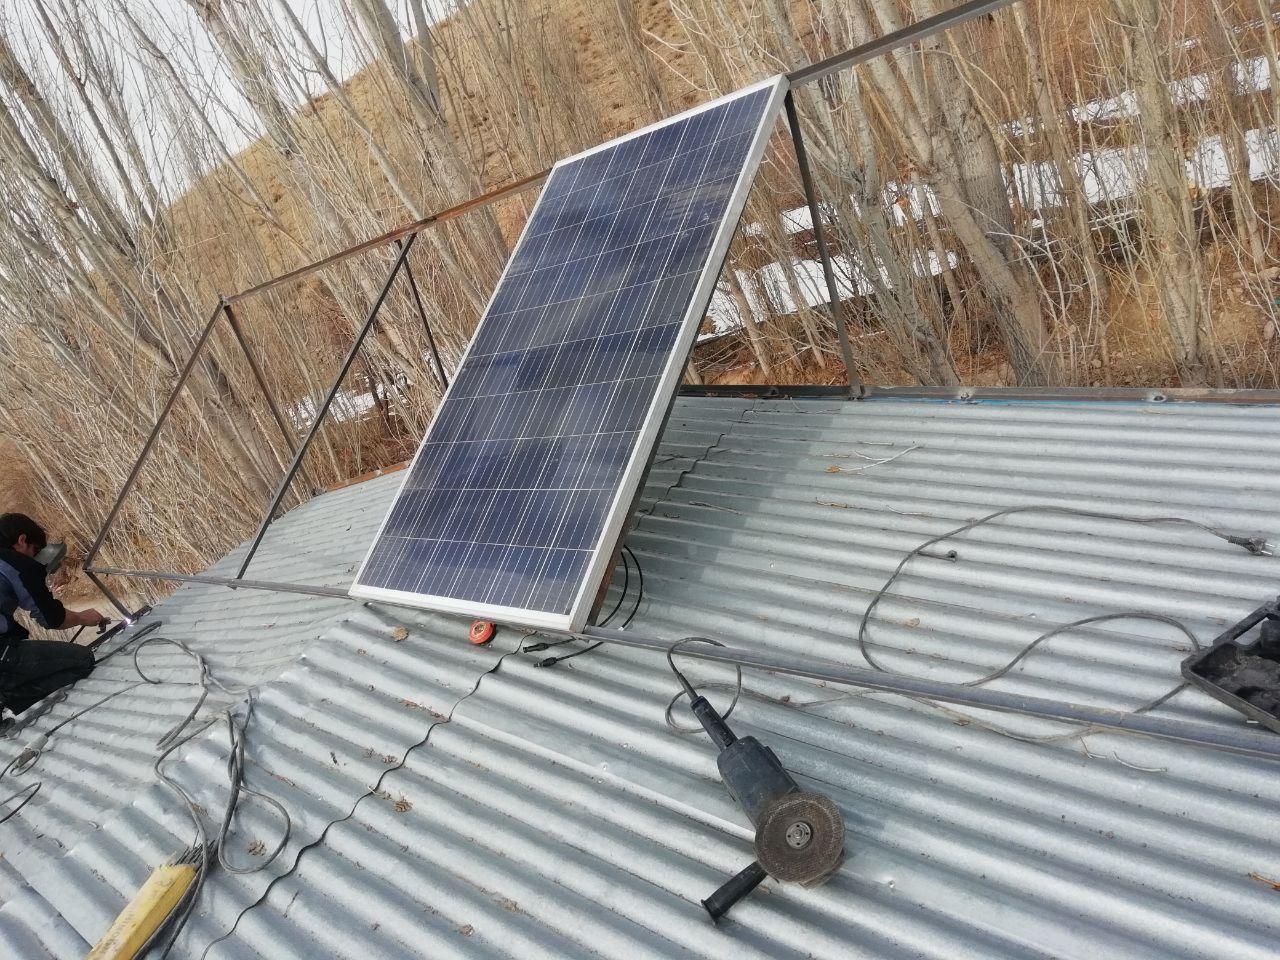 پکیج سیستم خورشیدی برای مشتری